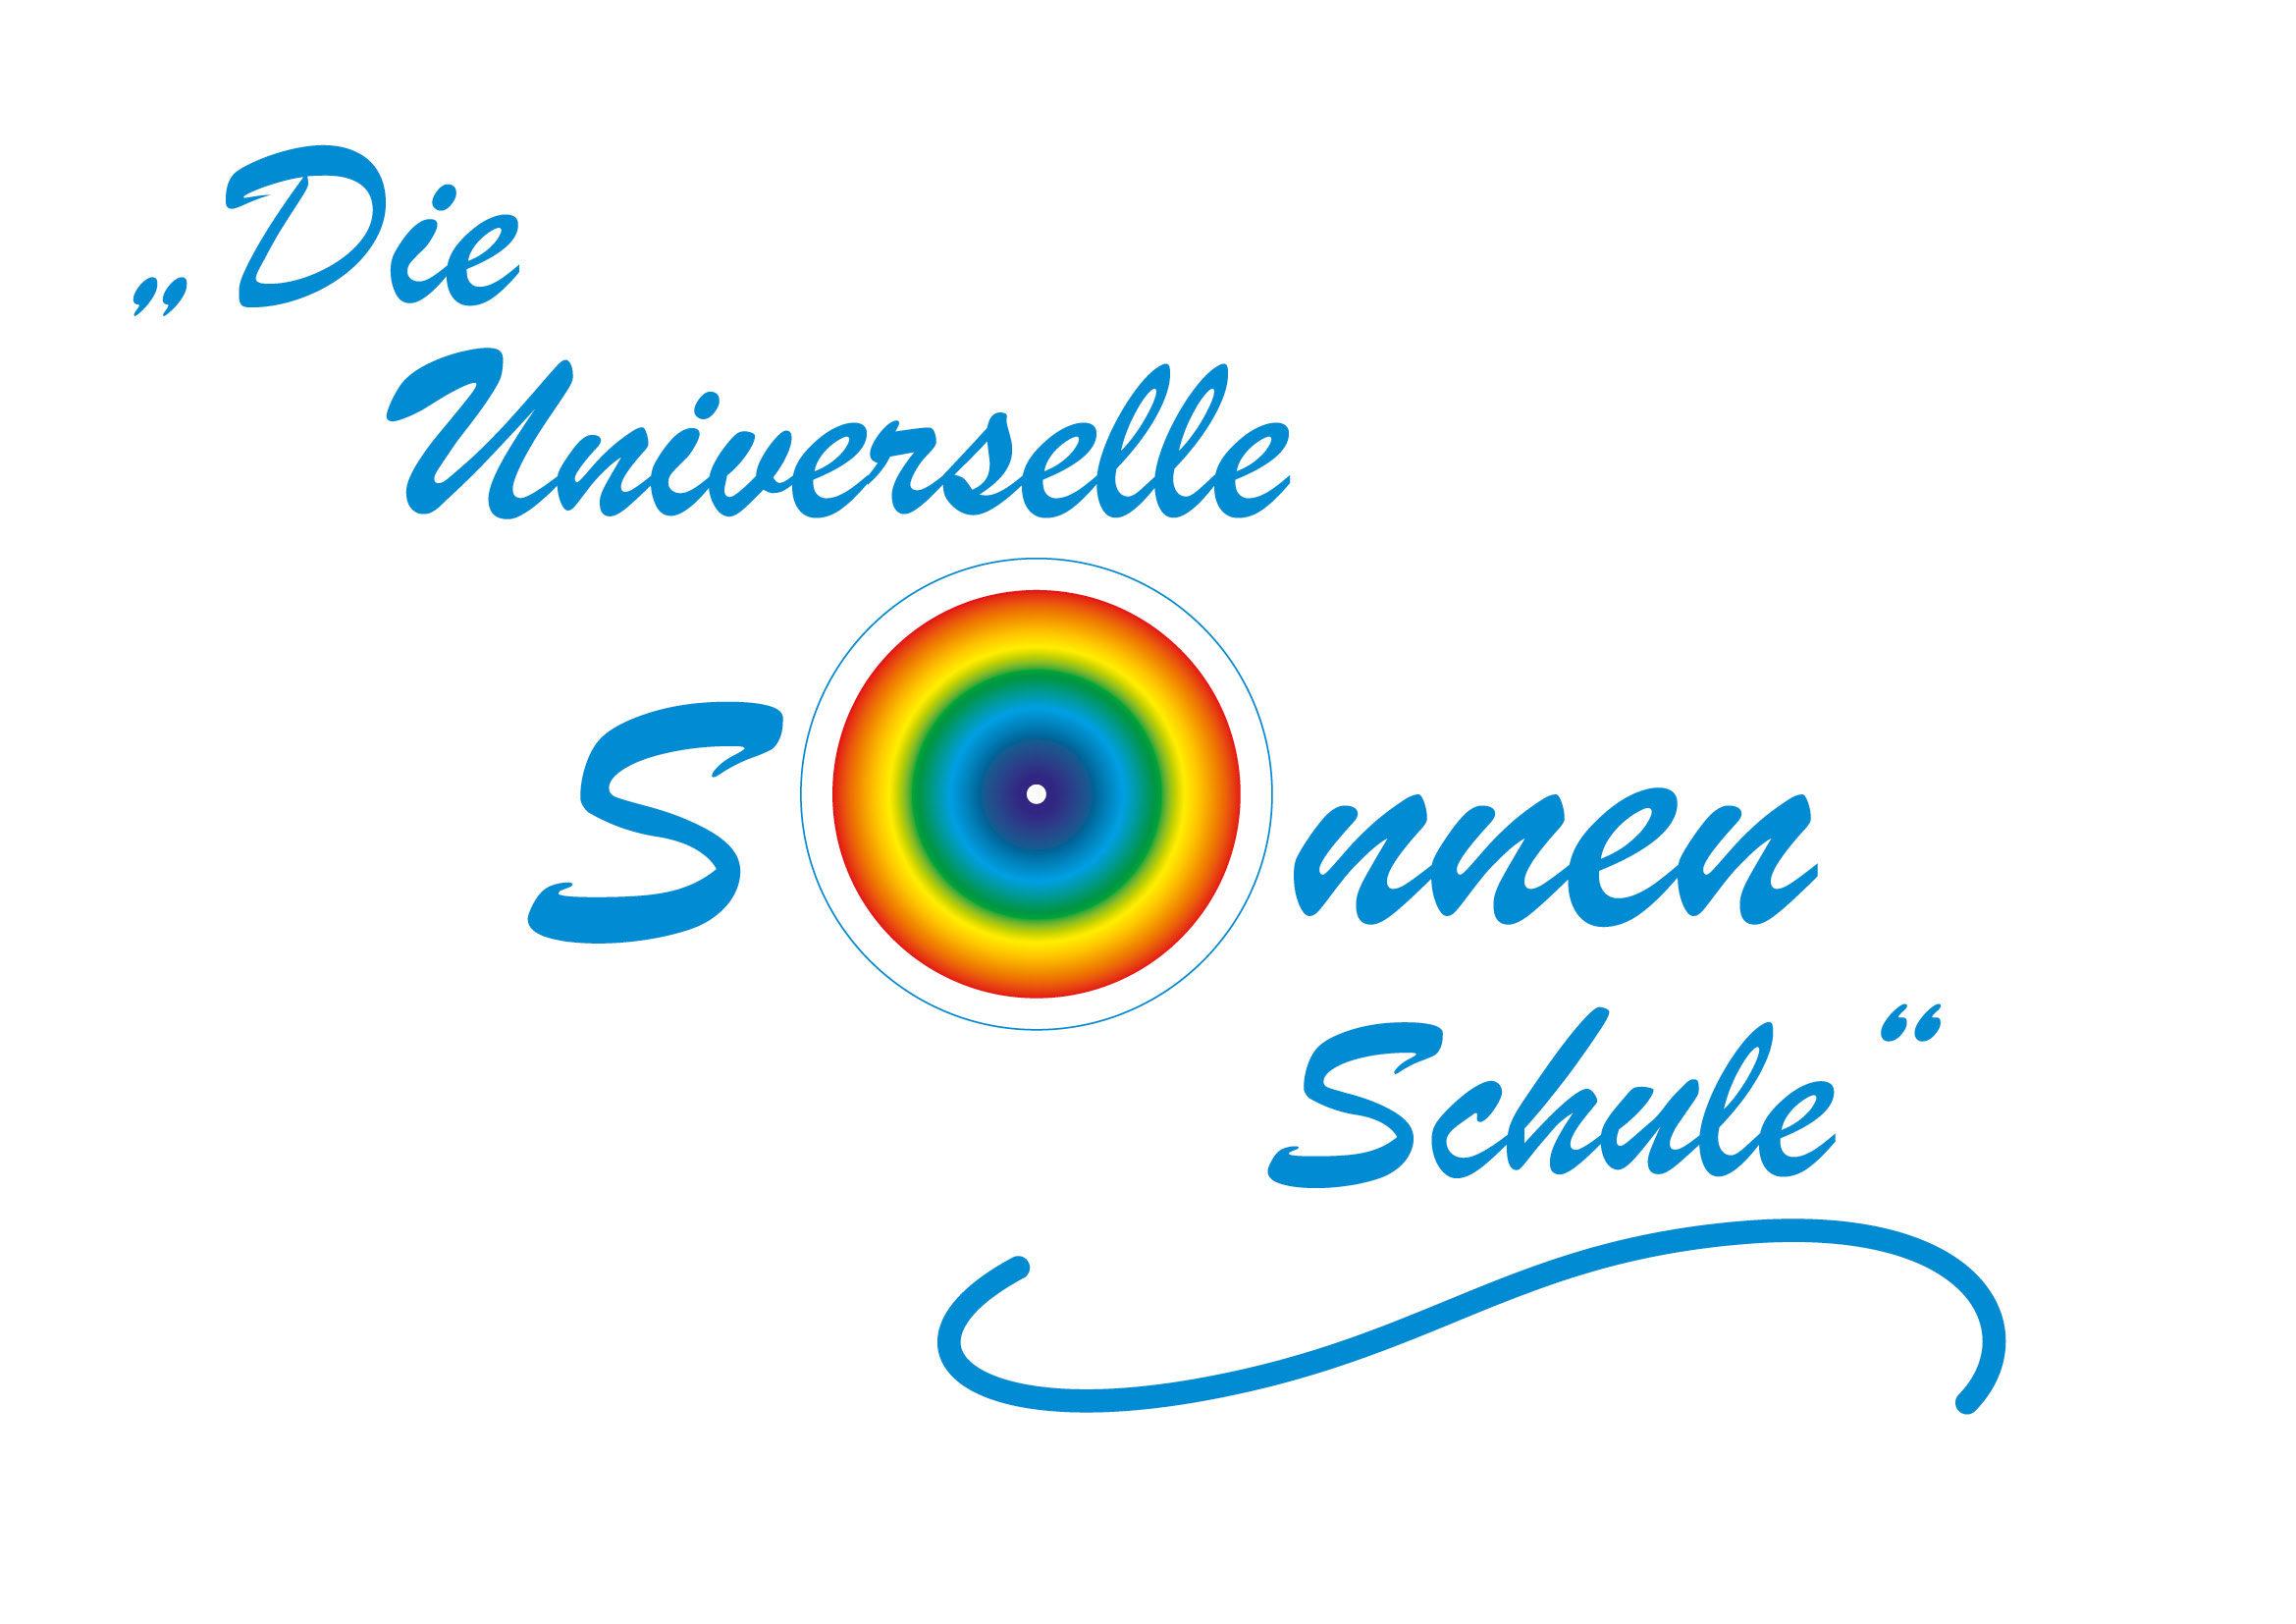 Die Universelle Sonnenschule